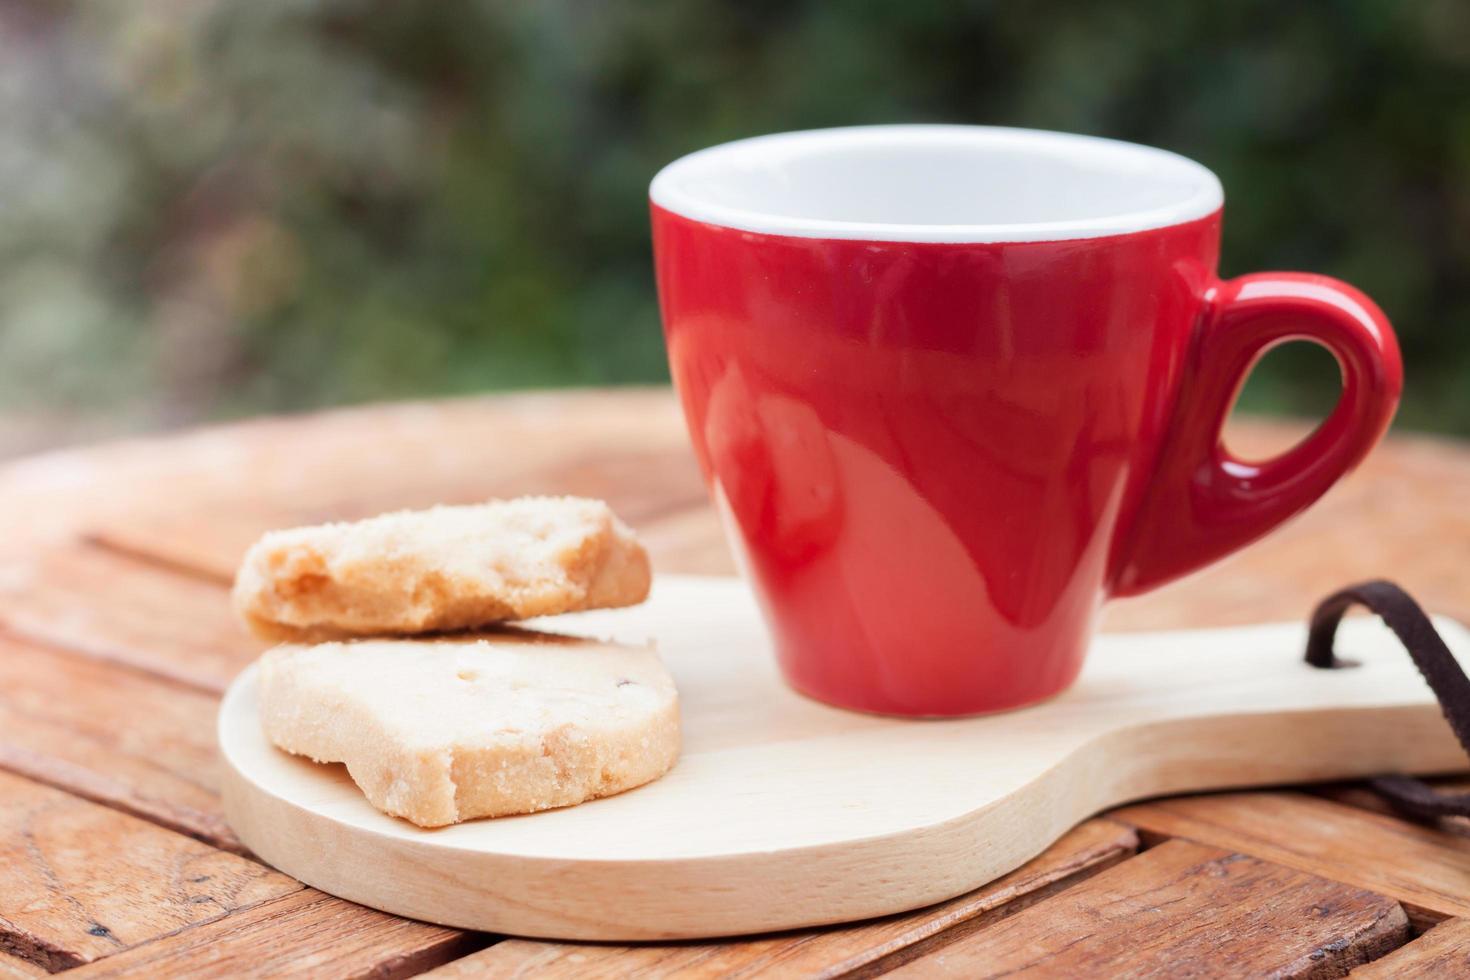 biscuits aux noix de cajou avec une tasse de café photo